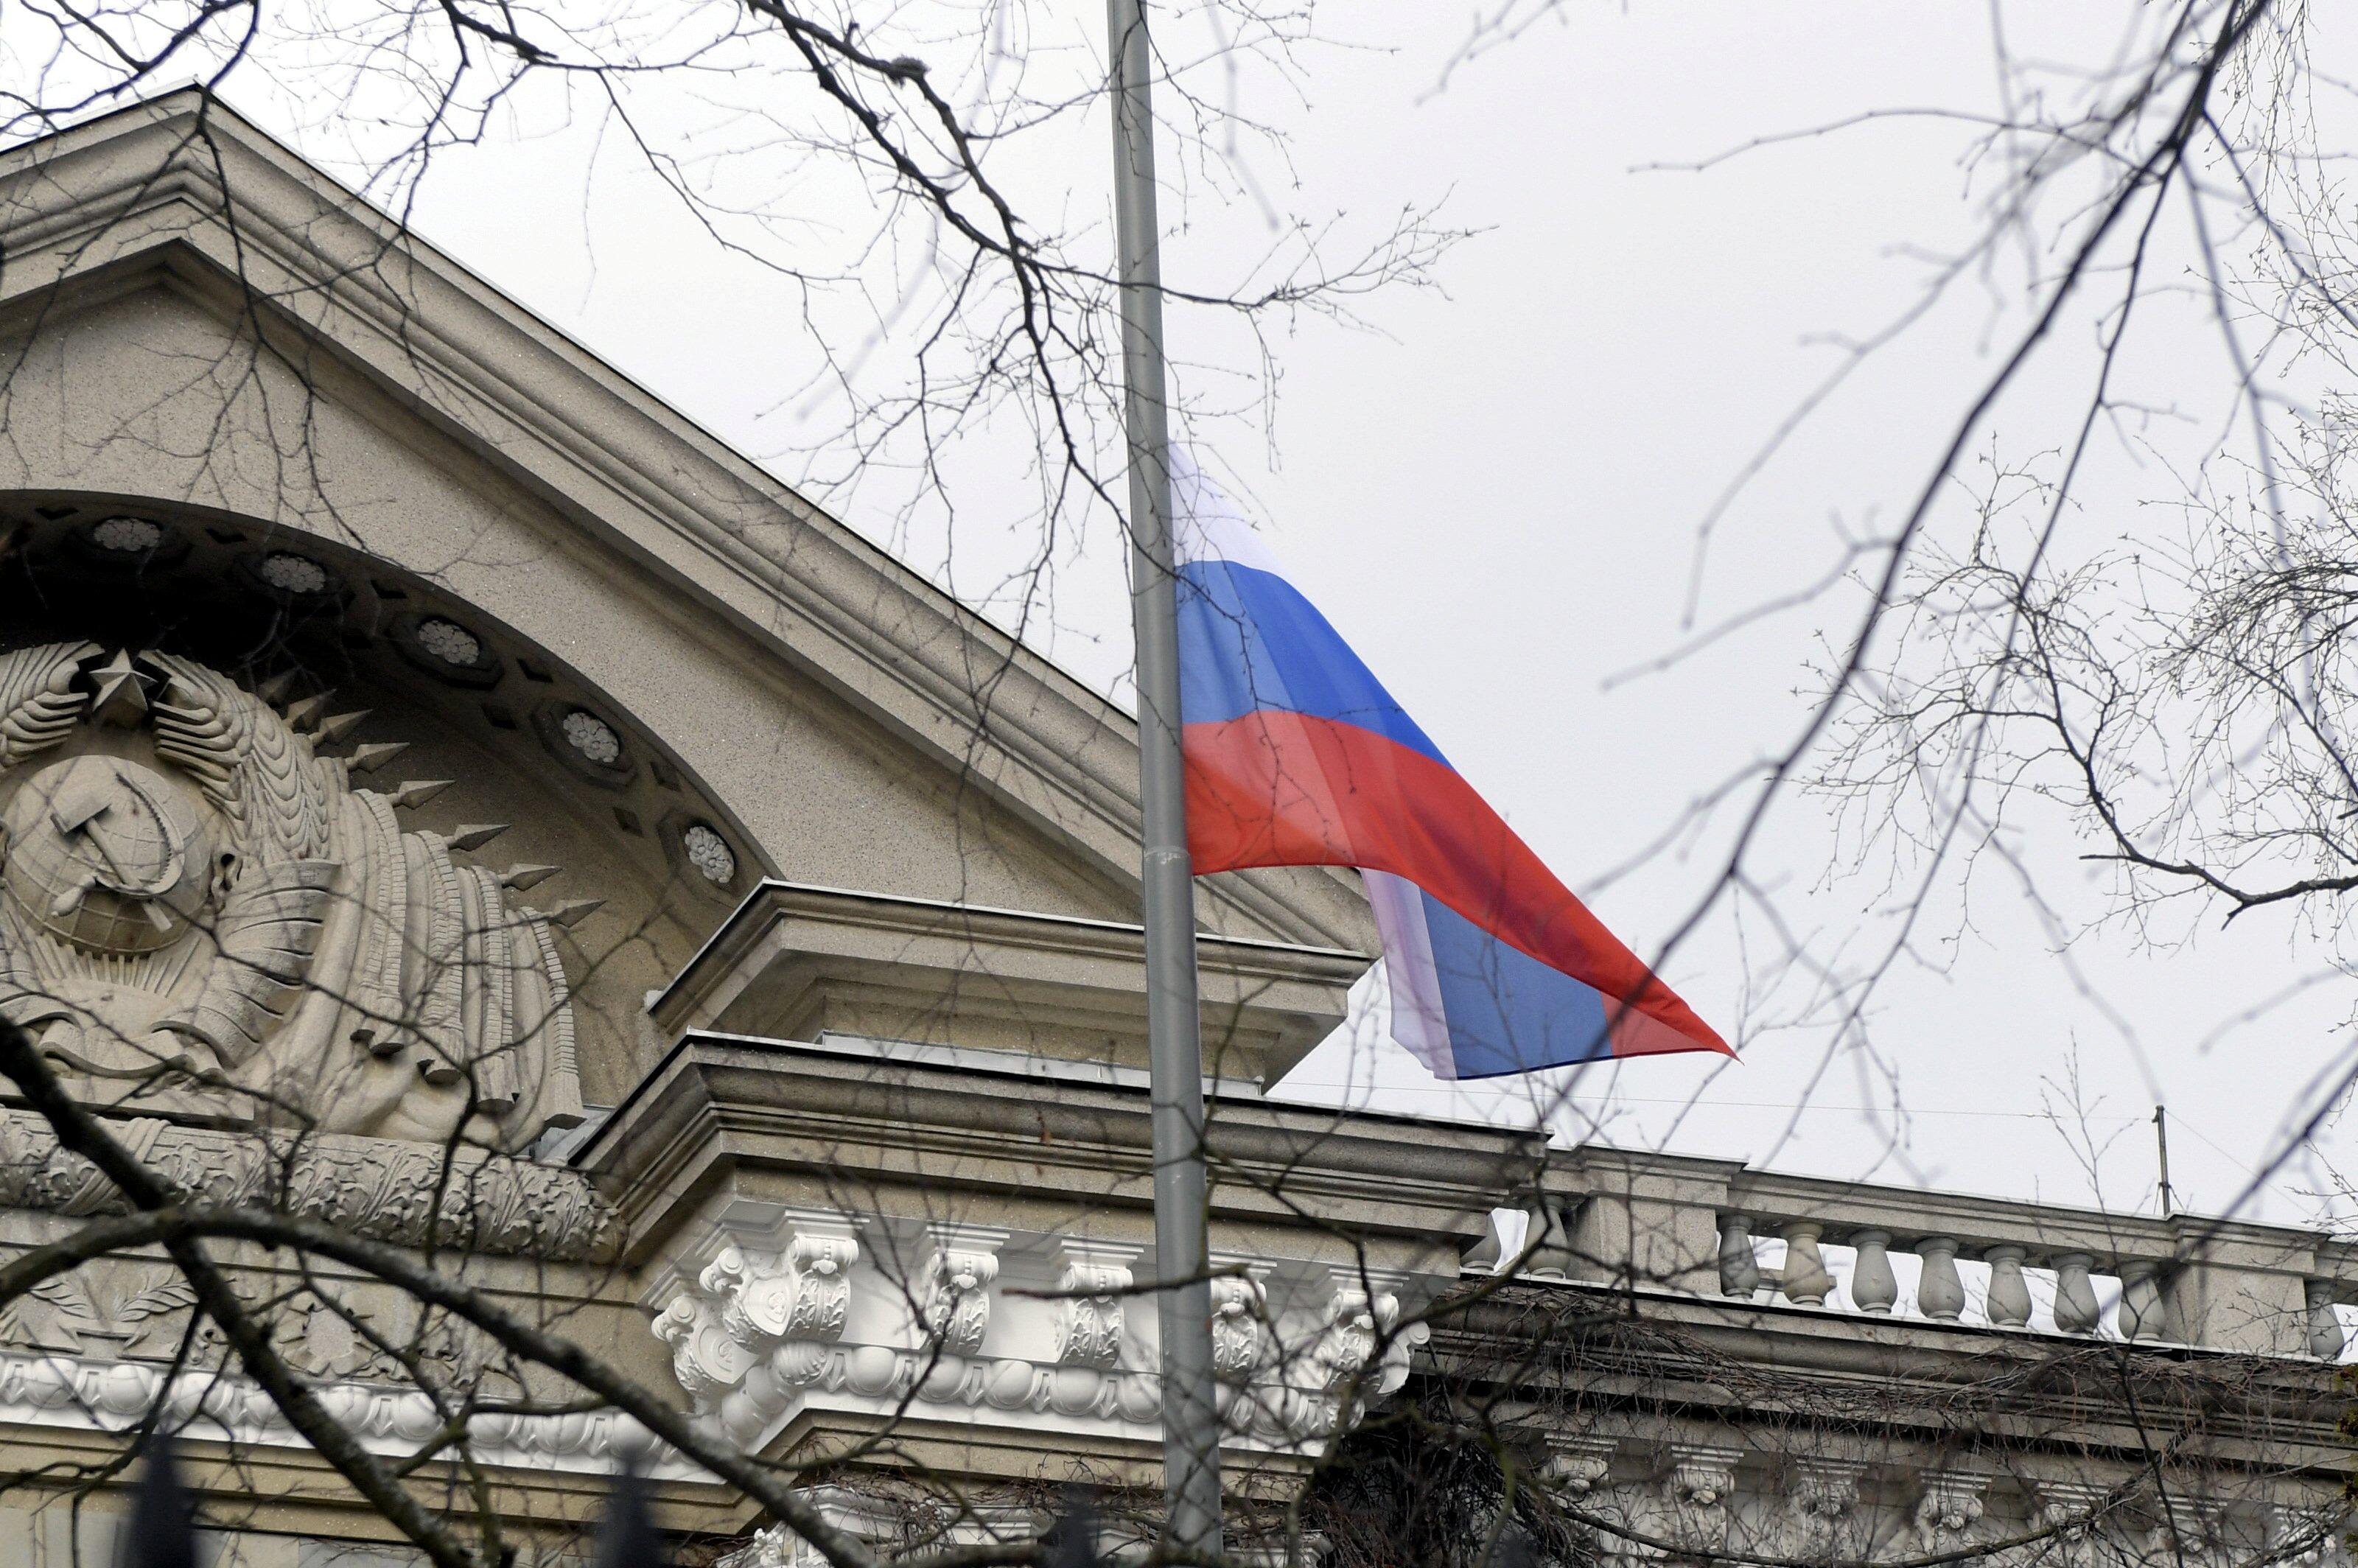 Эксперт сказал, что подспудная цель властей России — развал и деградация государственности Украины